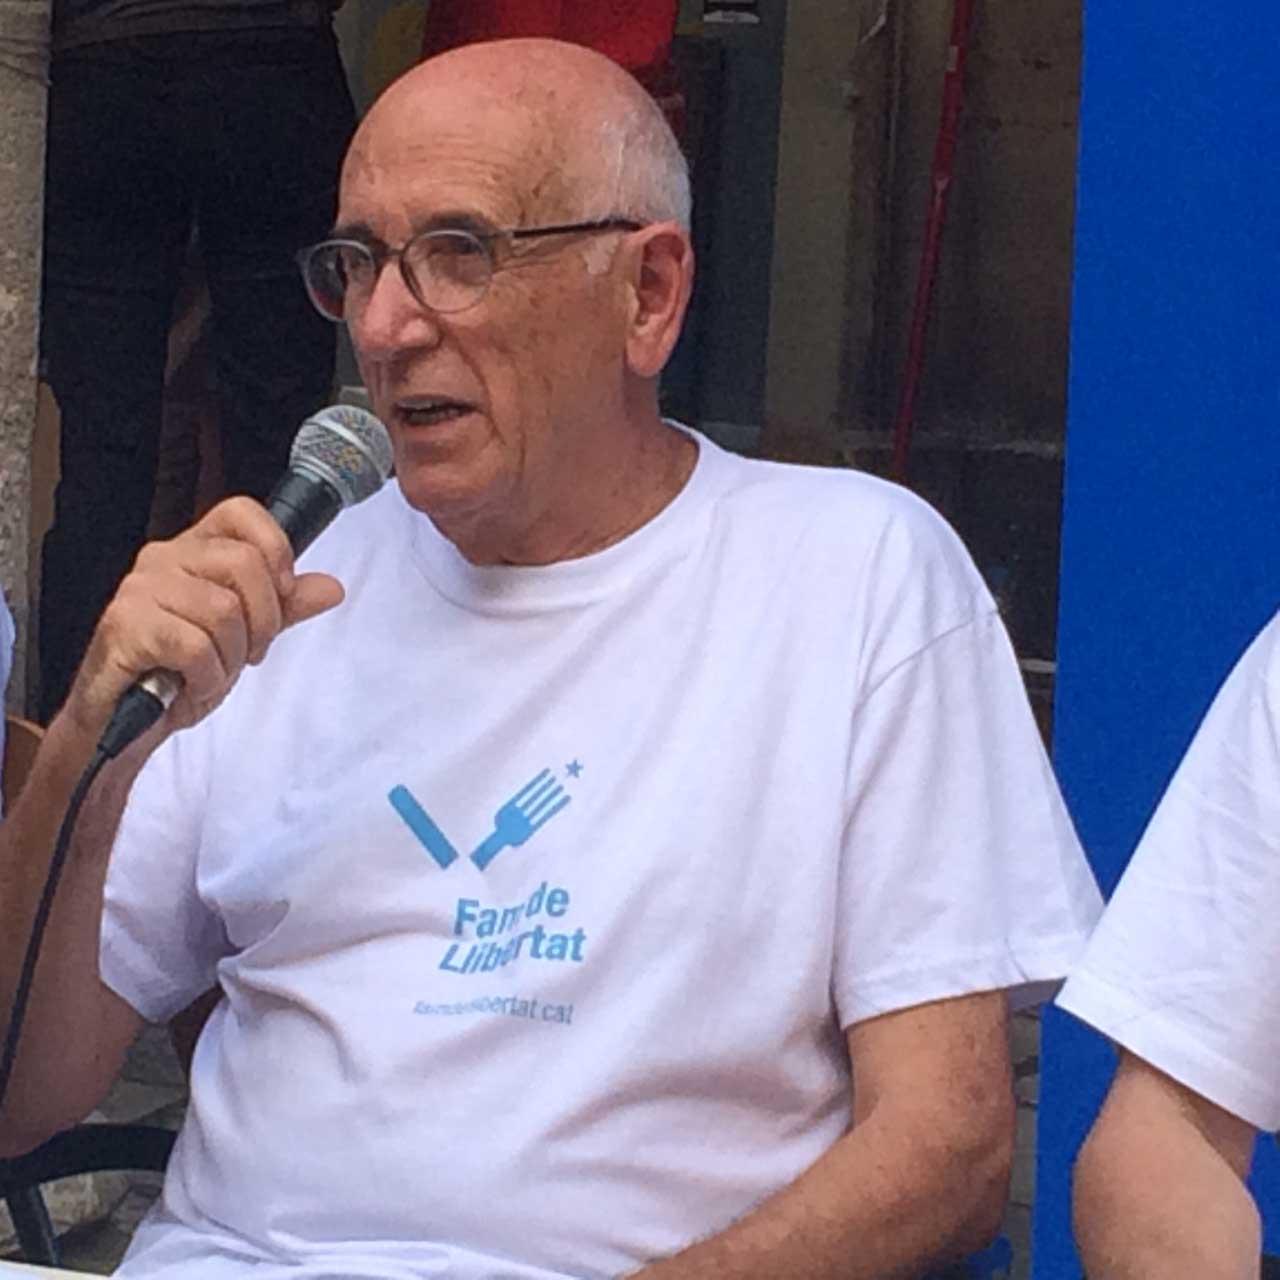 Desdejuni de Fèlix Simon en protesta per les detencions i suspensió de càrrecs públics.